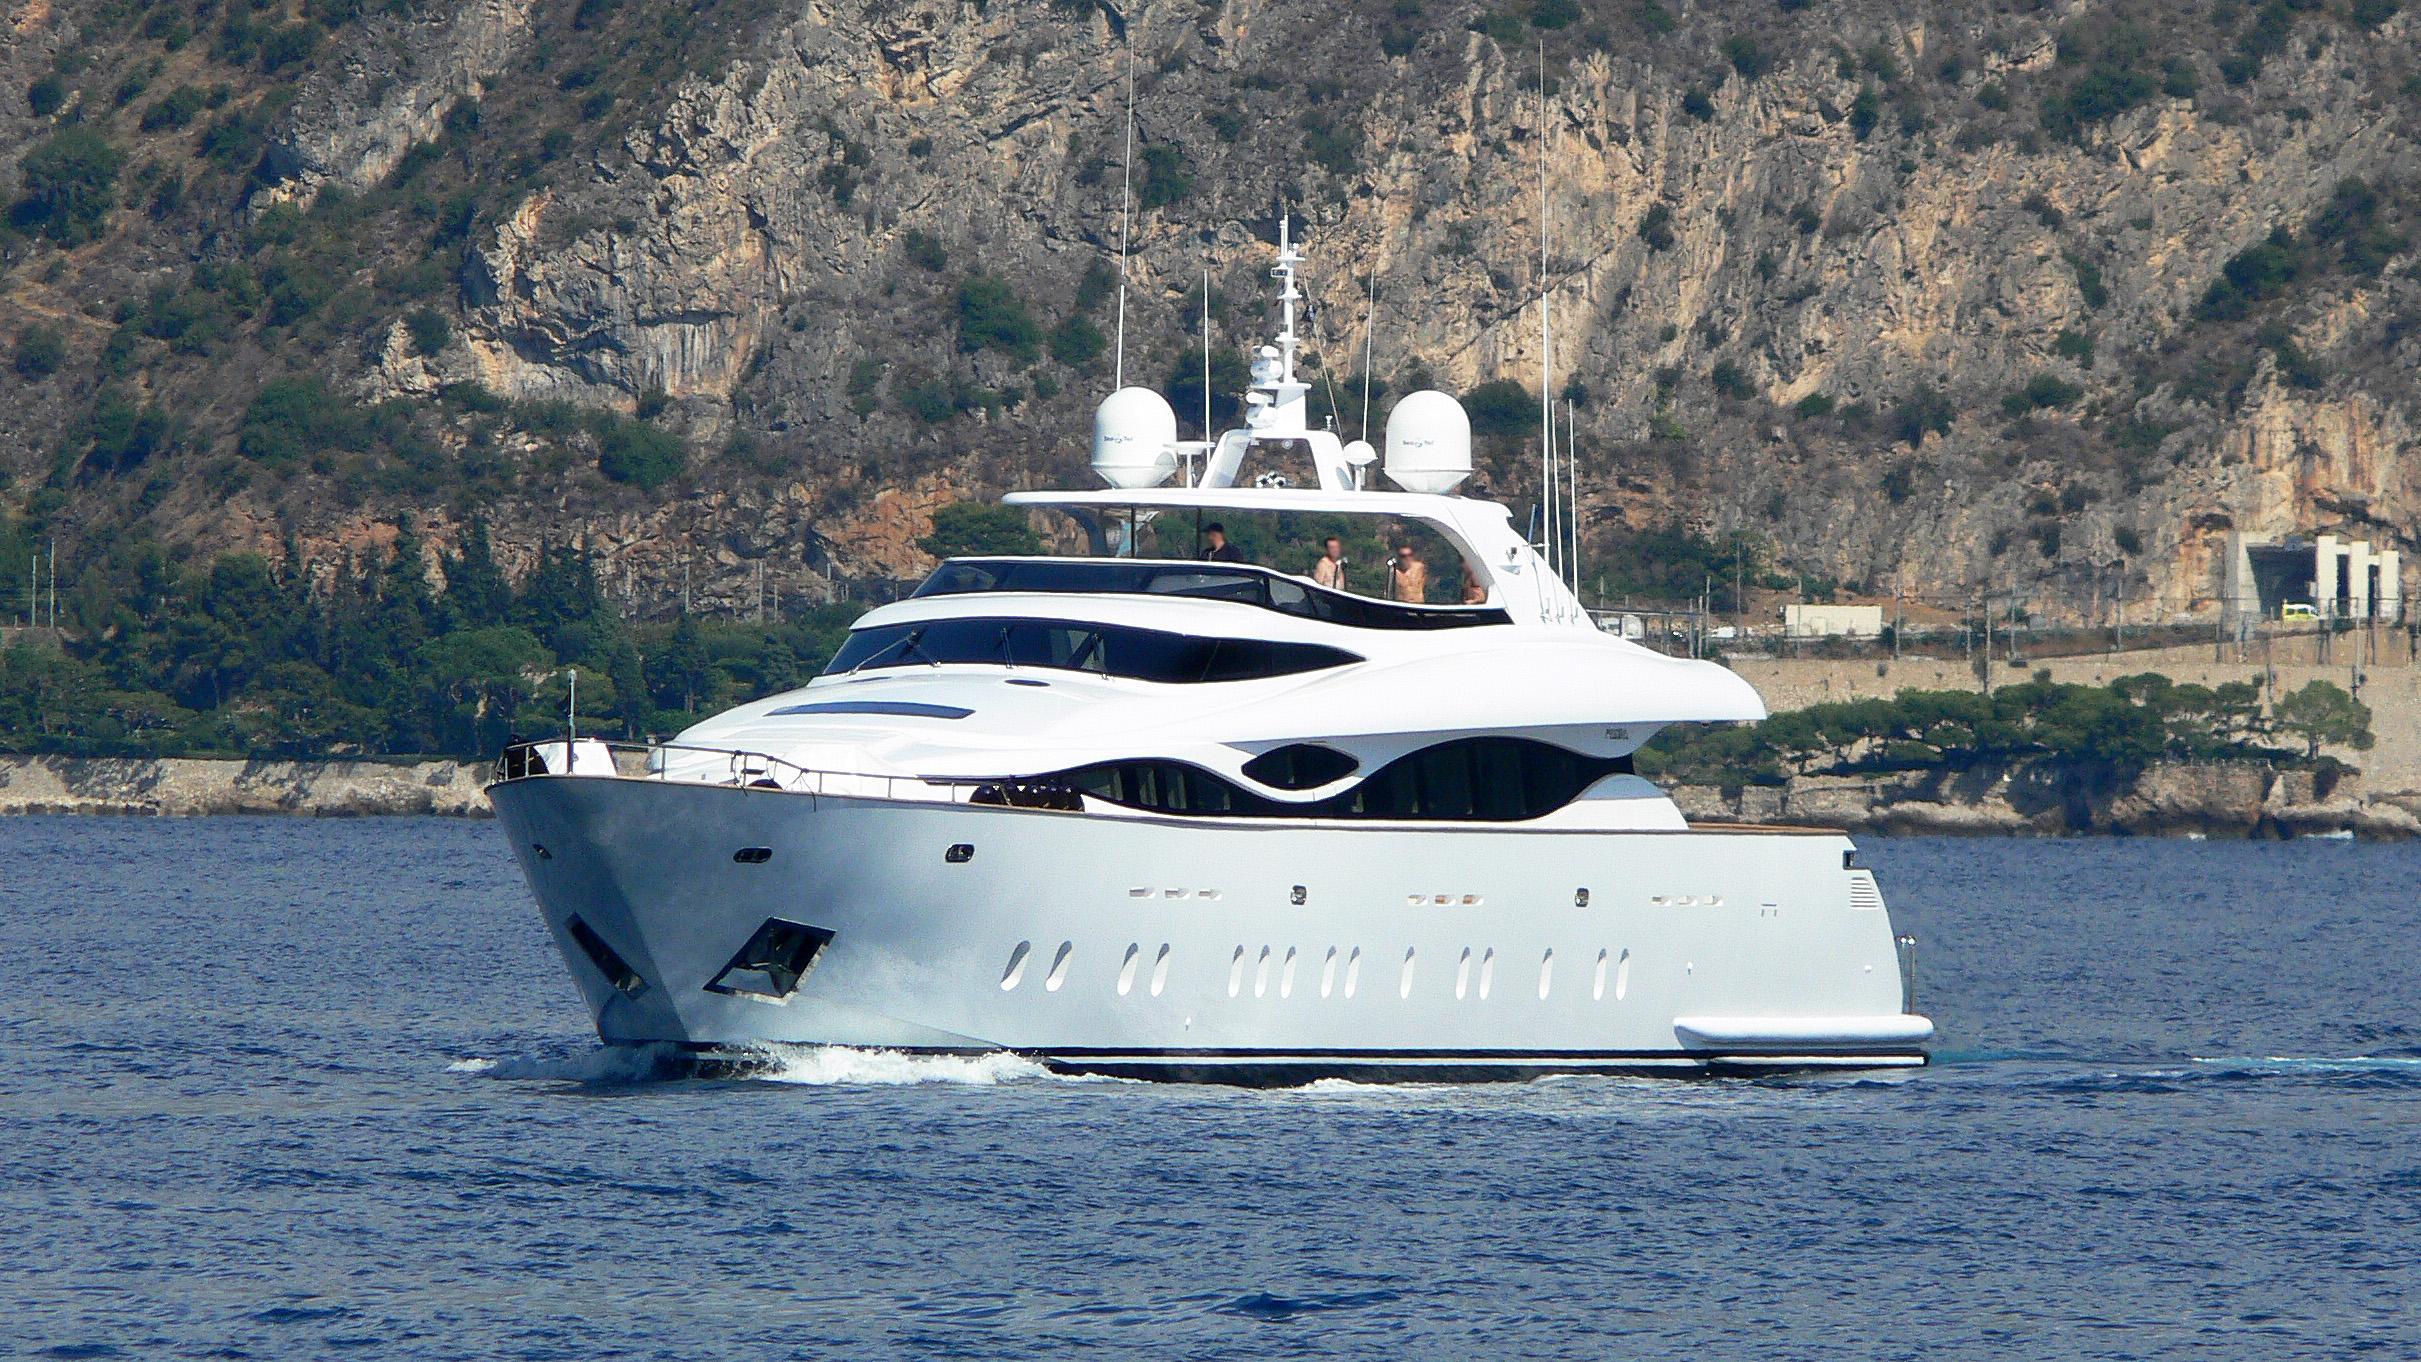 hunter-motor-yacht-maiora-38dp-2008-40m-cruising-bow